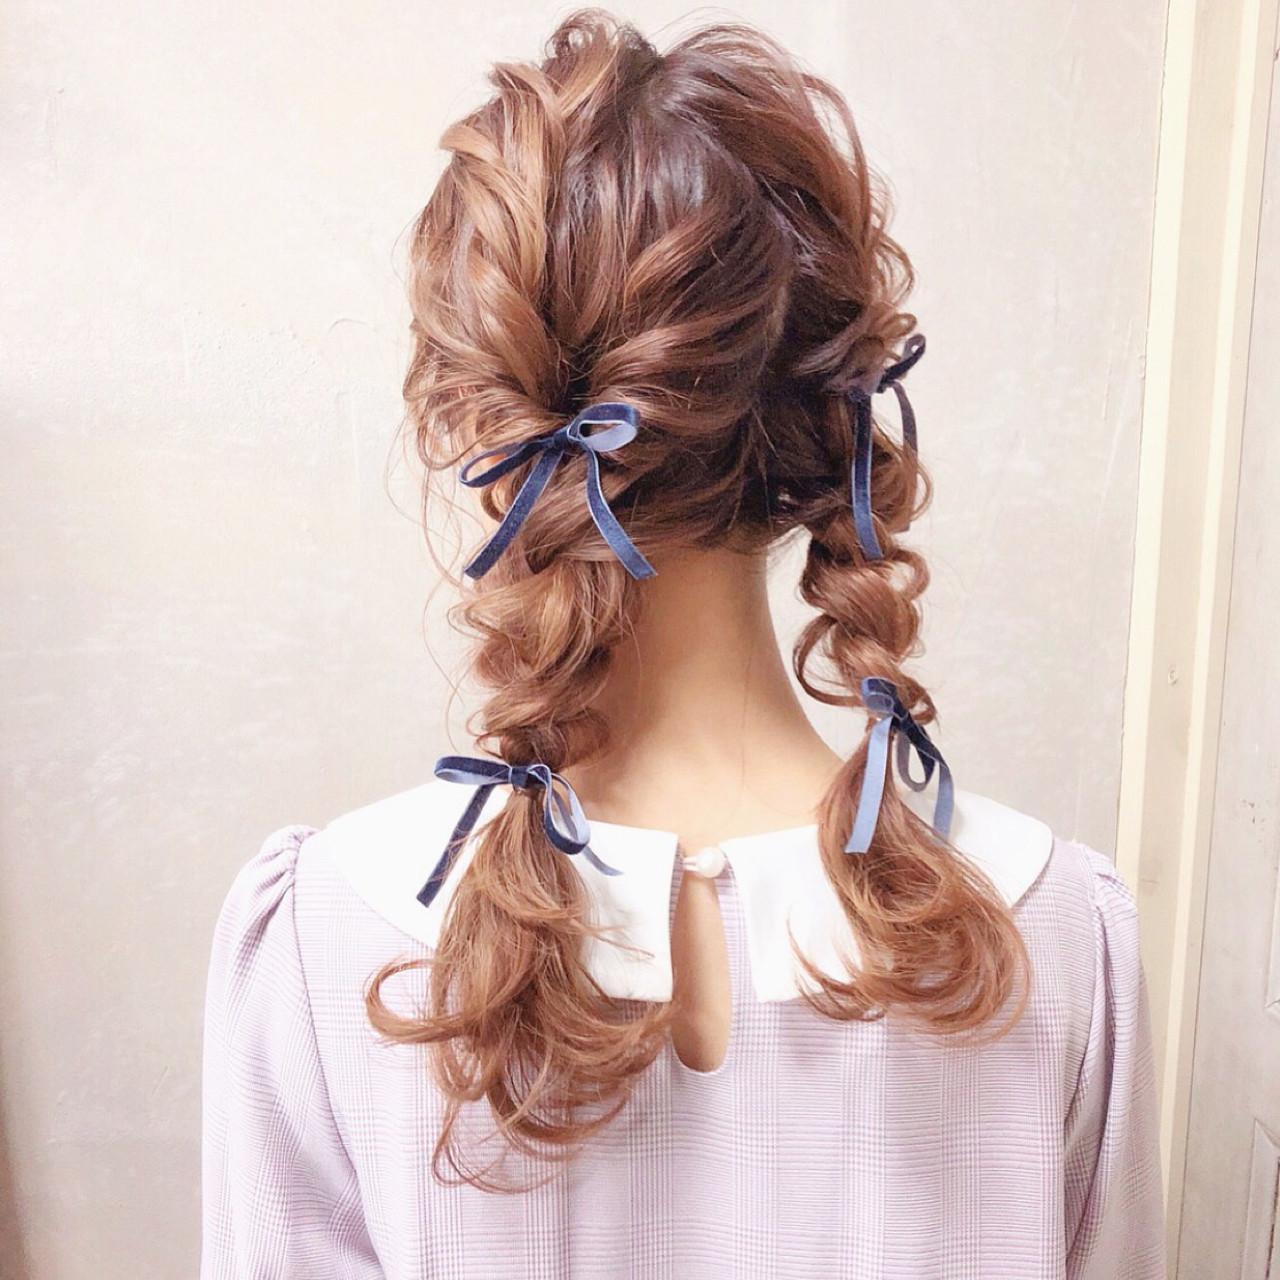 三つ編み ヘアアレンジ 結婚式 ロング ヘアスタイルや髪型の写真・画像